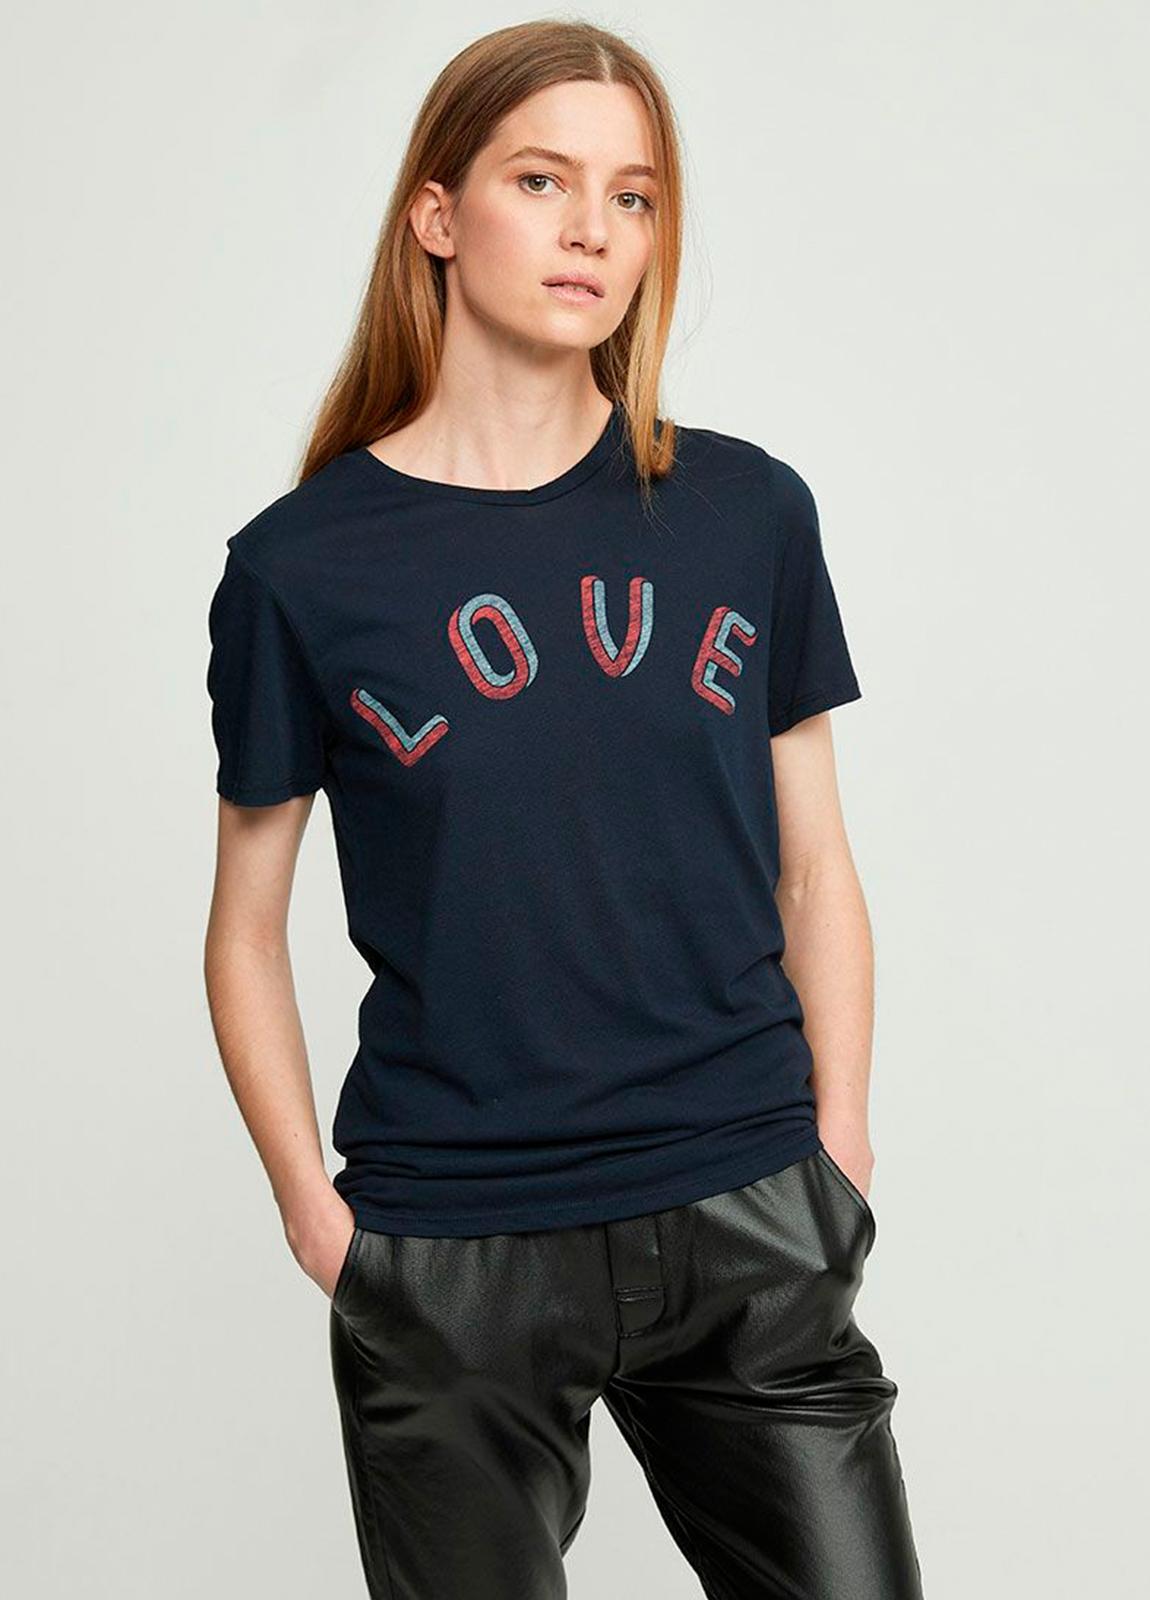 Camiseta manga corta color negro con estampado gráfico. 50% Algodón 50% Modal.